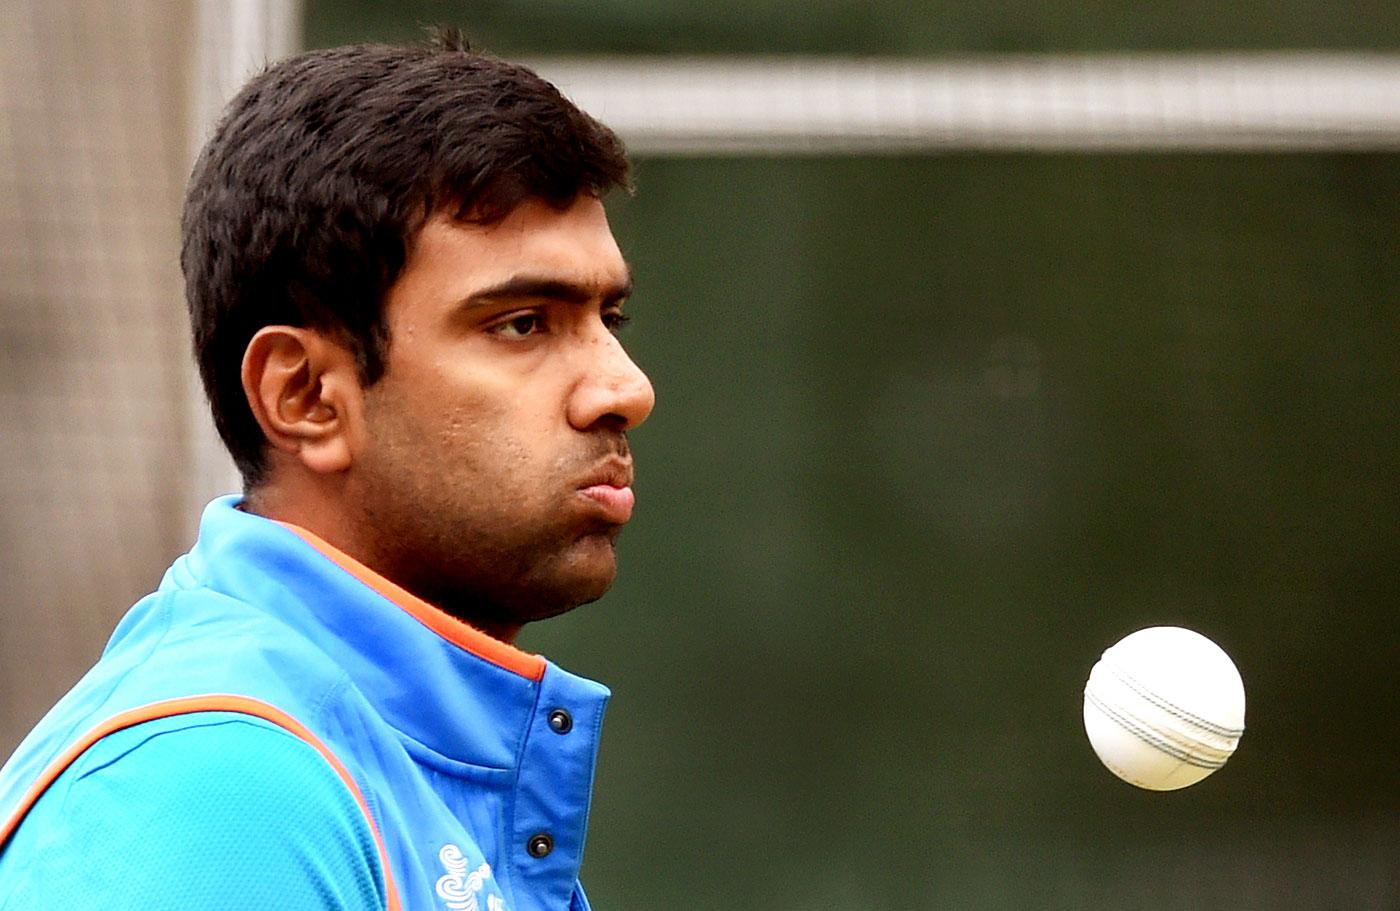 ऑस्ट्रेलिया के खिलाफ वनडे सीरीज के लिए इन पांच खिलाड़ियों की हो सकती हैं लम्बे समय बाद भारतीय टीम में वापसी 2